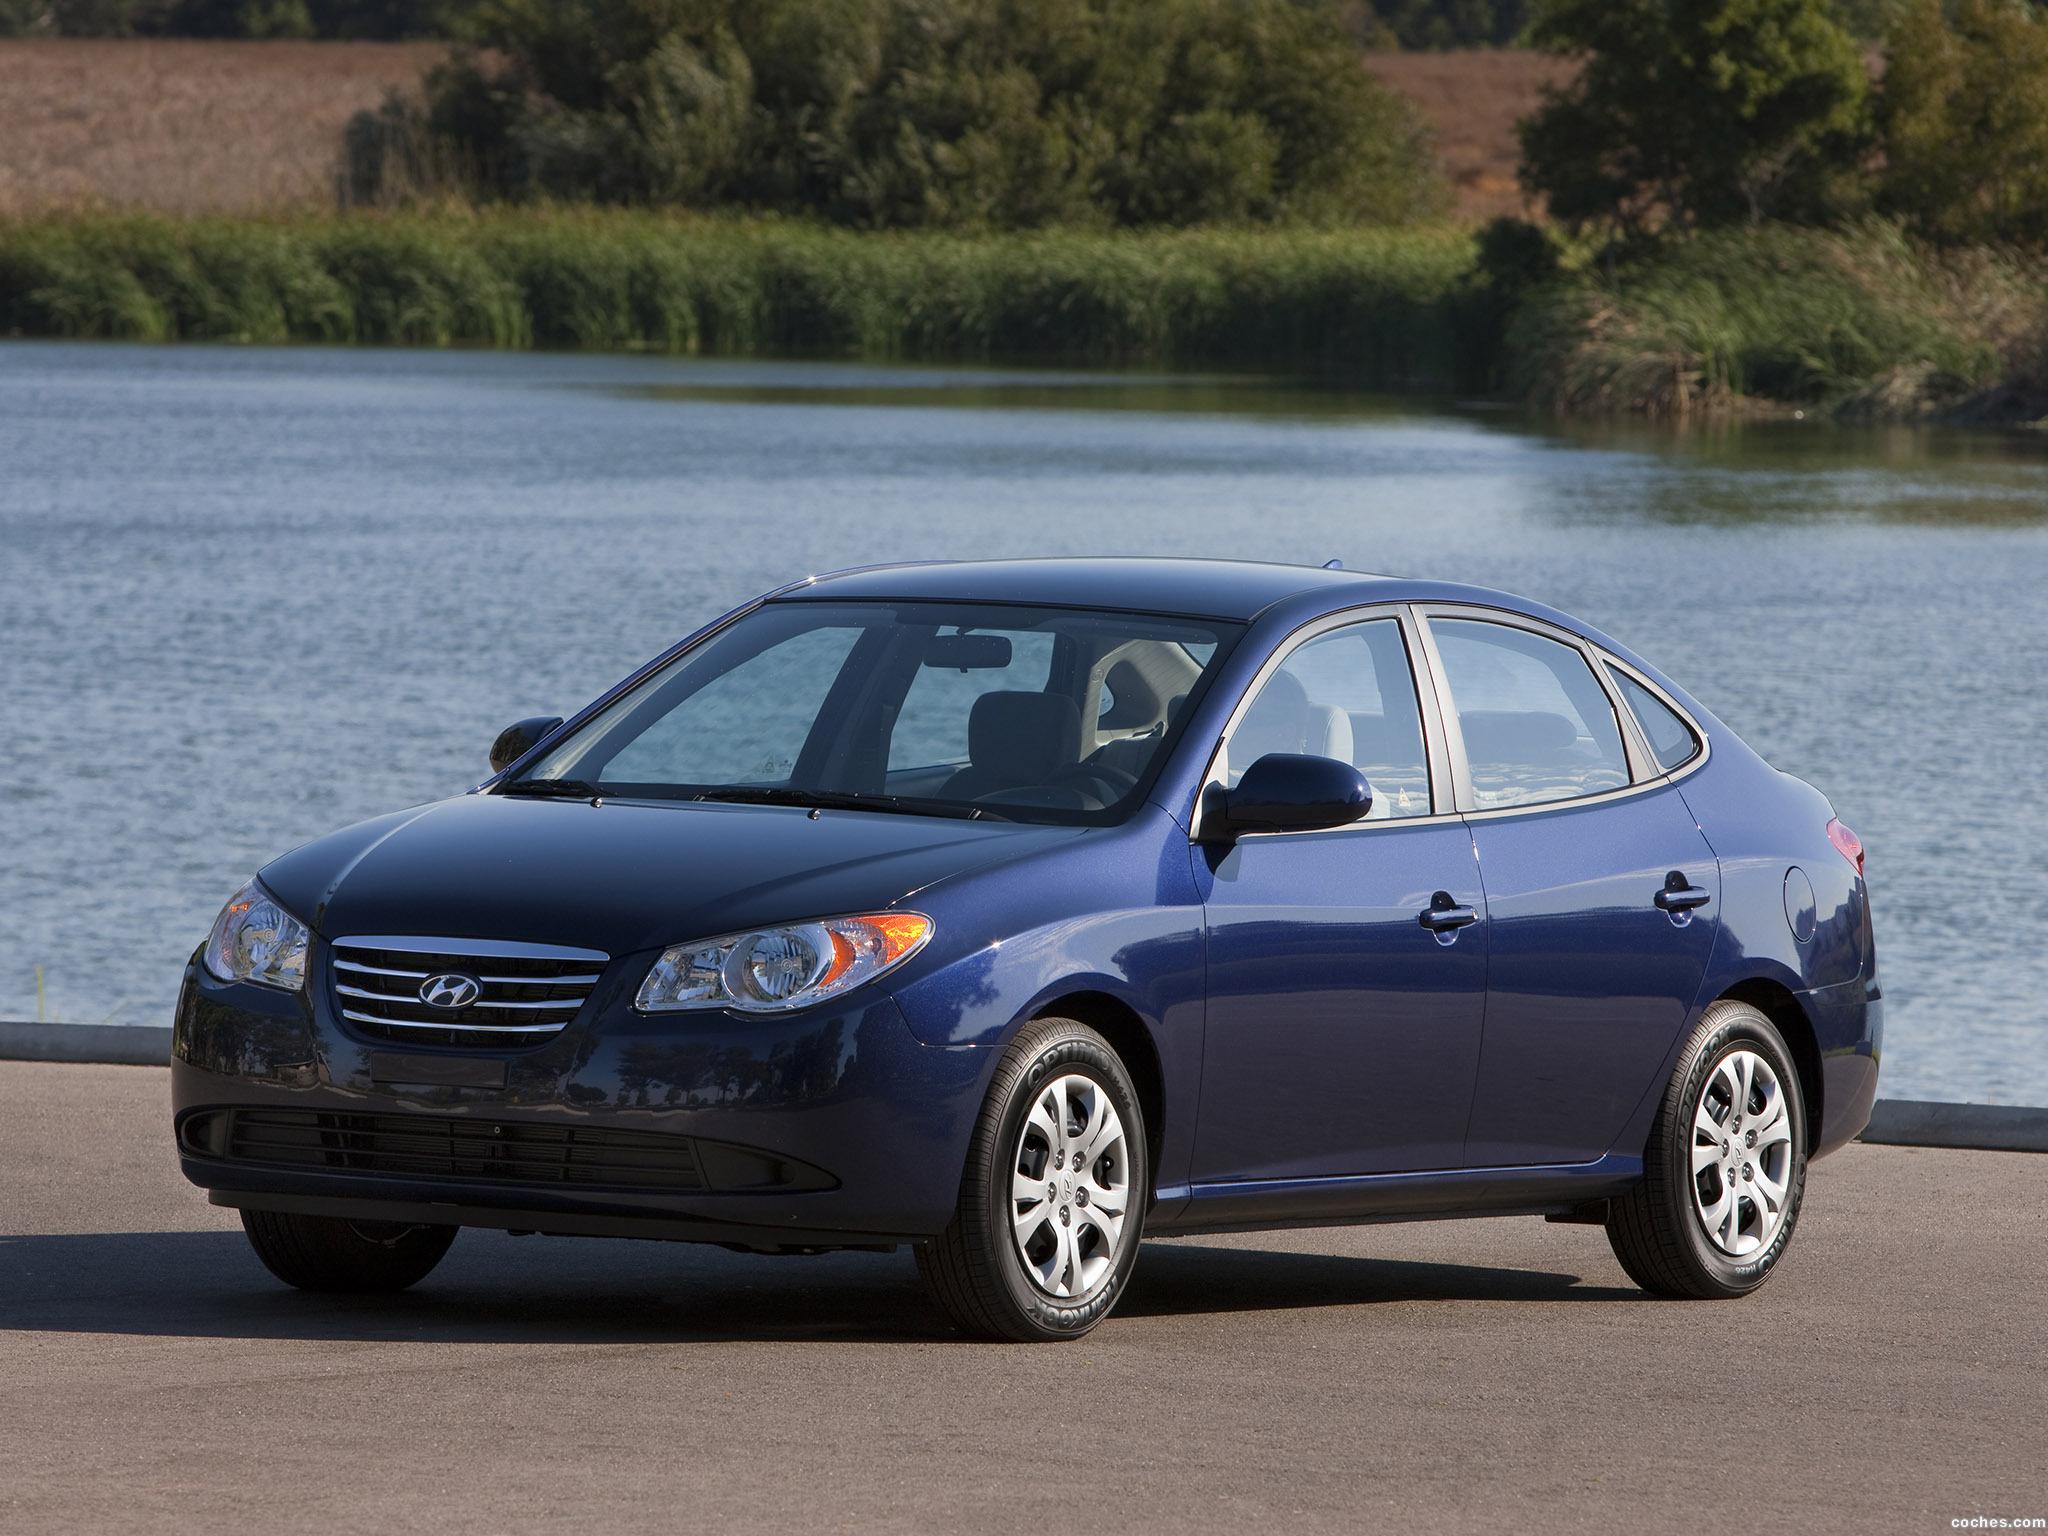 Foto 0 de Hyundai Elantra Blue 2010